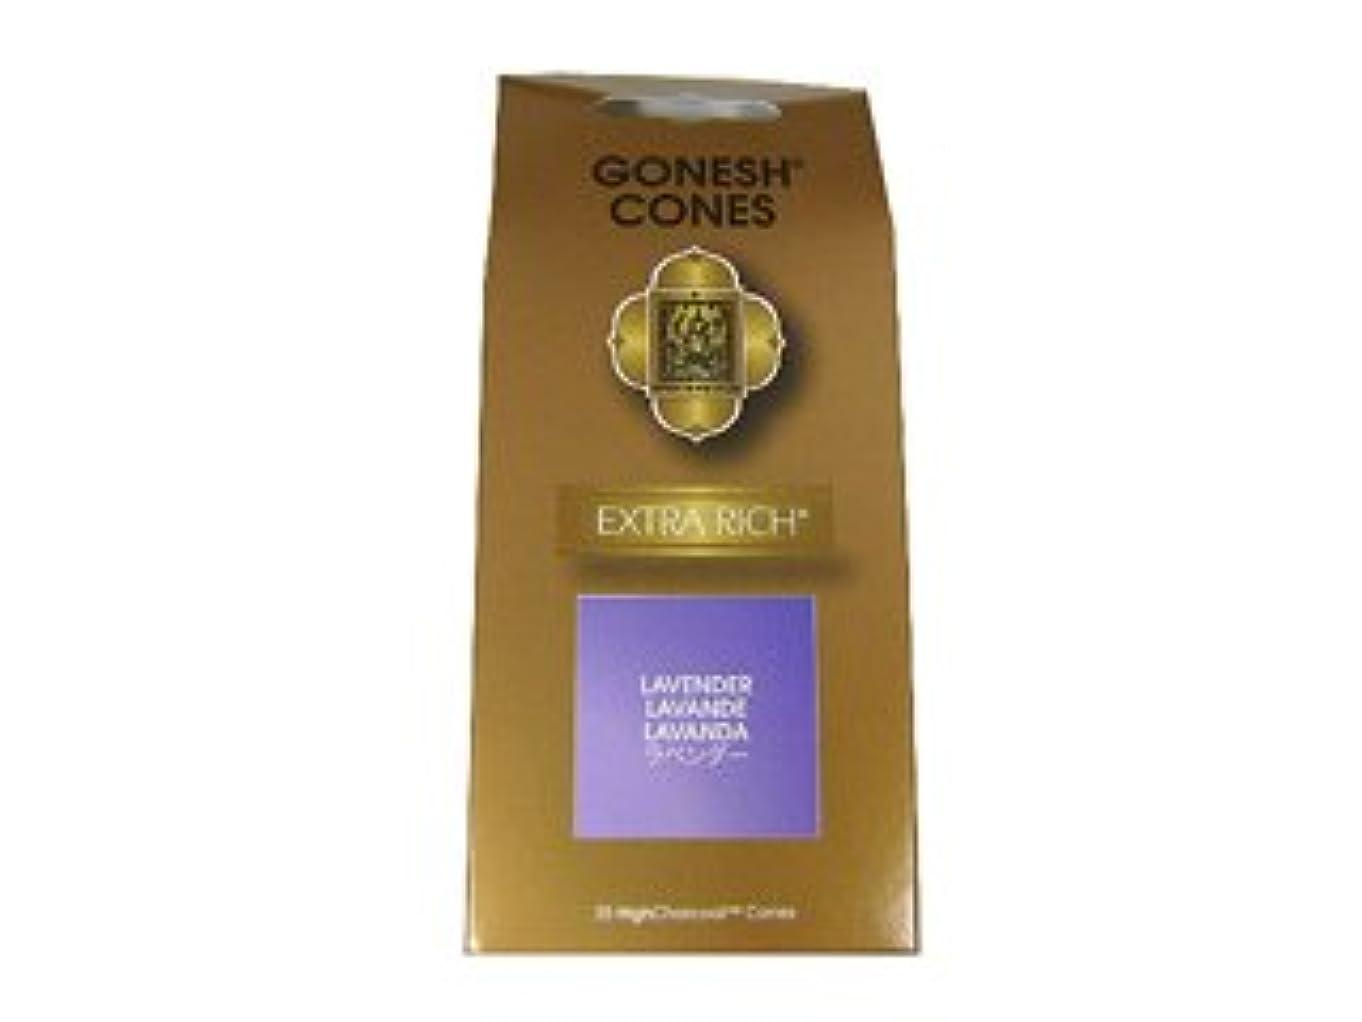 気絶させる飲料受け取るGONESH インセンス エクストラリッチコーンタイプ LAVENDER(ラベンダー香)